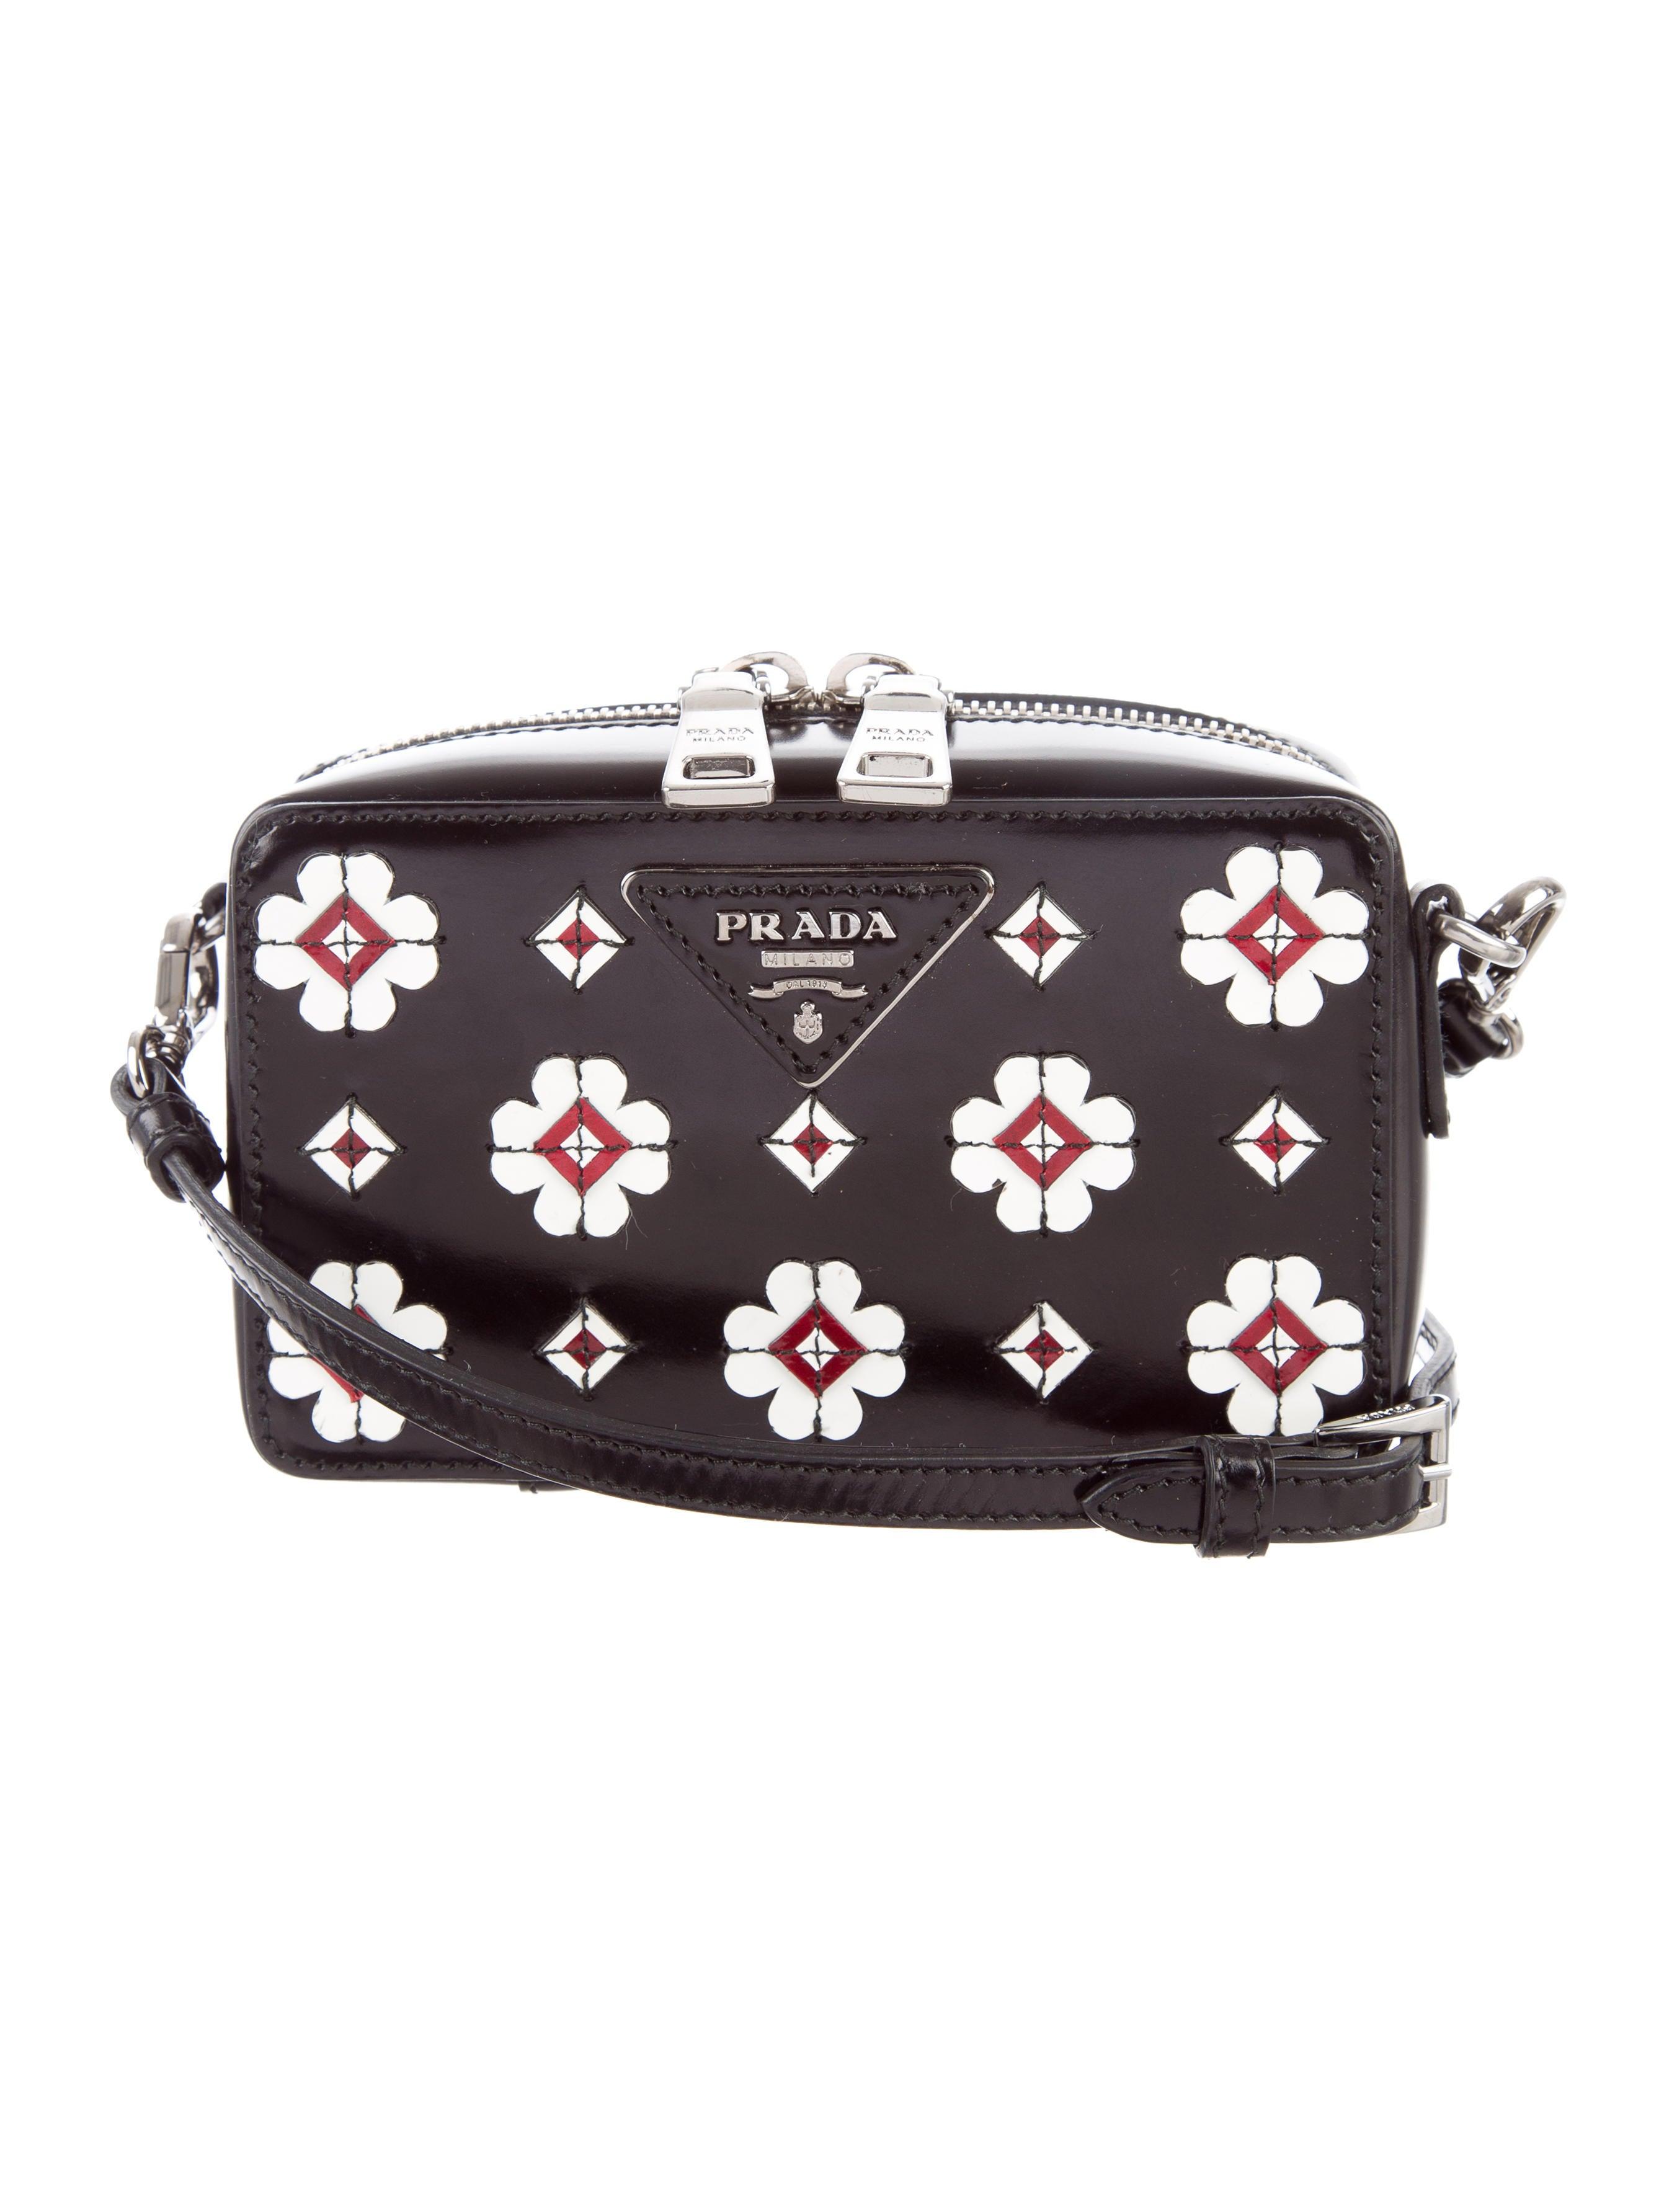 Prada Spazzolato Flowers Camera Bag - Handbags - PRA156478 | The RealReal